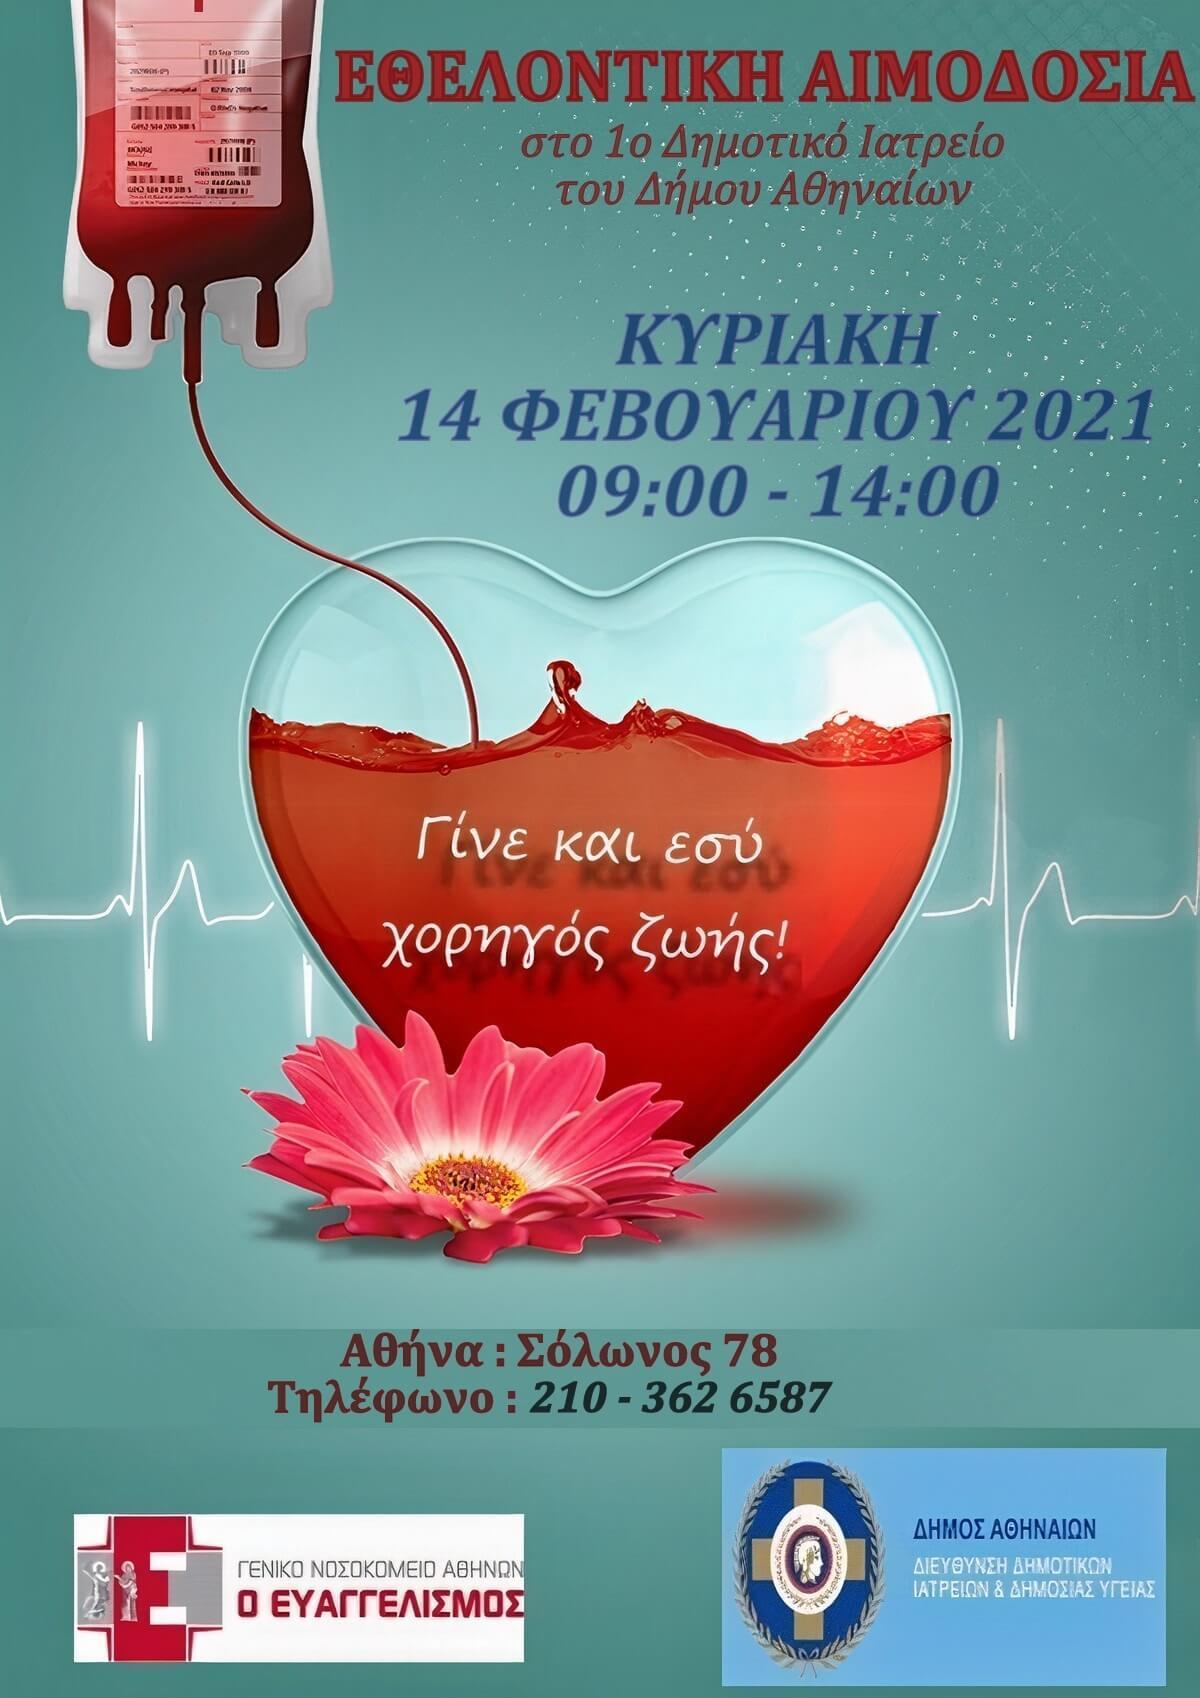 Εθελοντική αιμοδοσία στις 14 Φεβρουαρίου από τον Δήμο Αθηναίων